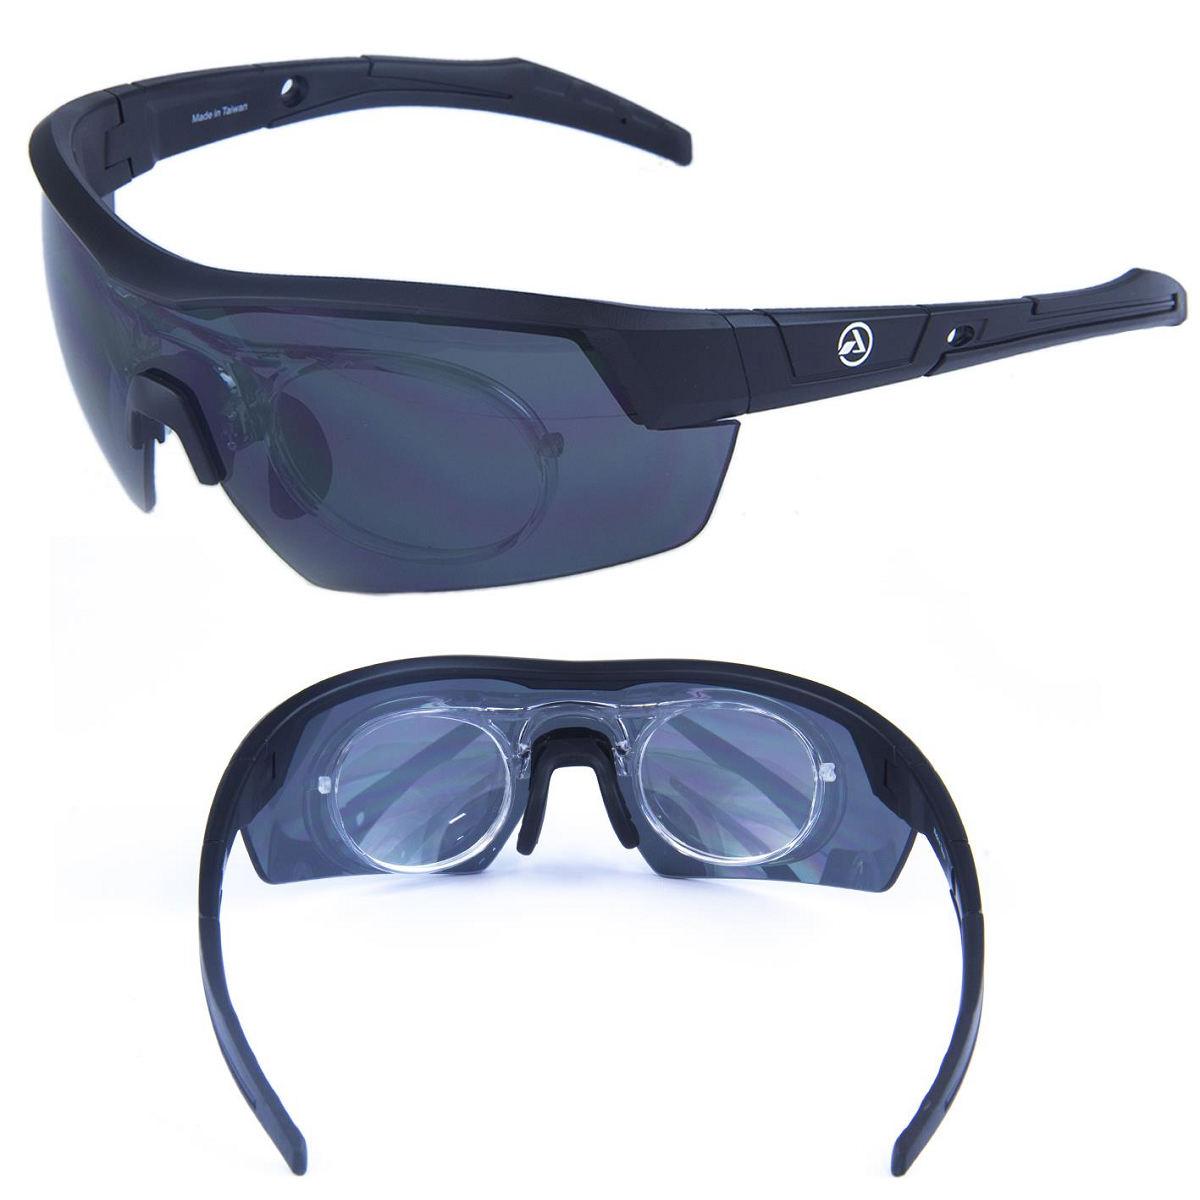 Oculos Absolute Race Rx Pto., Lente Cinza